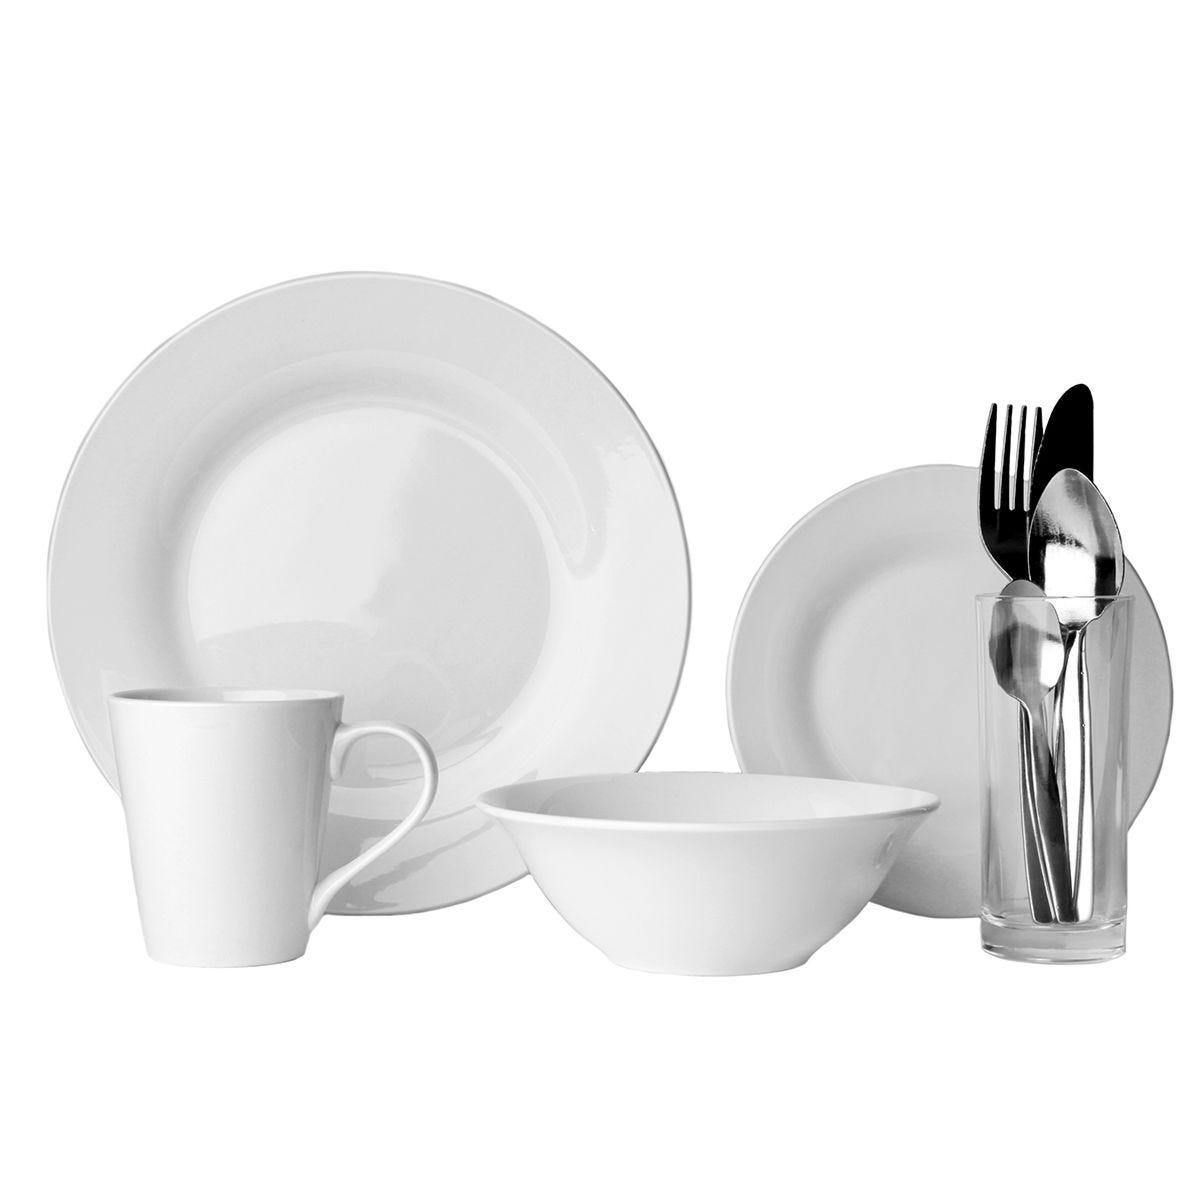 Sabichi 9-Piece Dinner Set - White